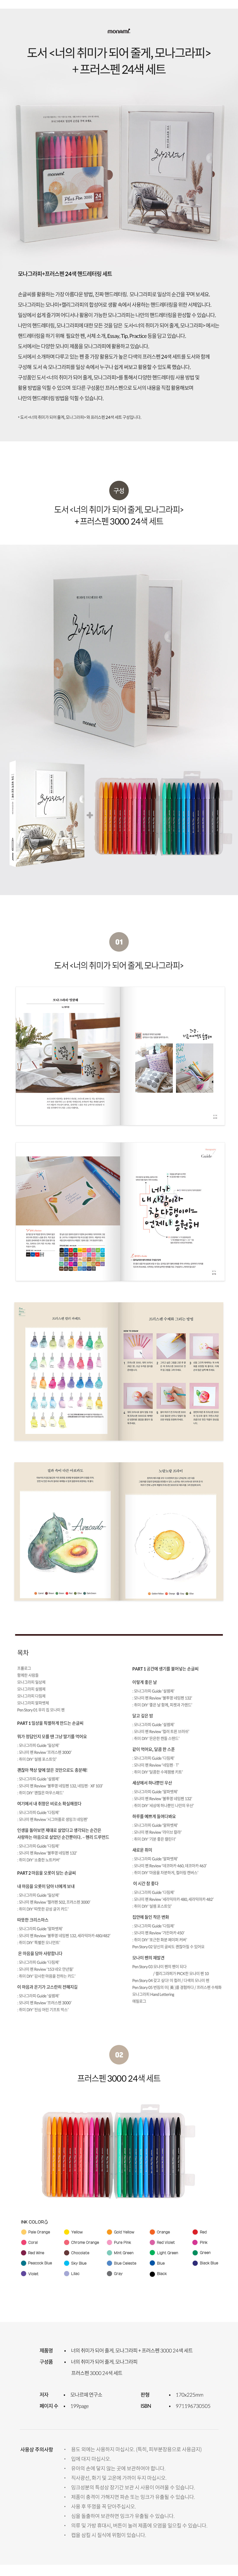 모나미 모나그라피 + 프러스펜 24색 한정판 세트 - 캘리하우스, 22,000원, 수성/중성펜, 심플 펜